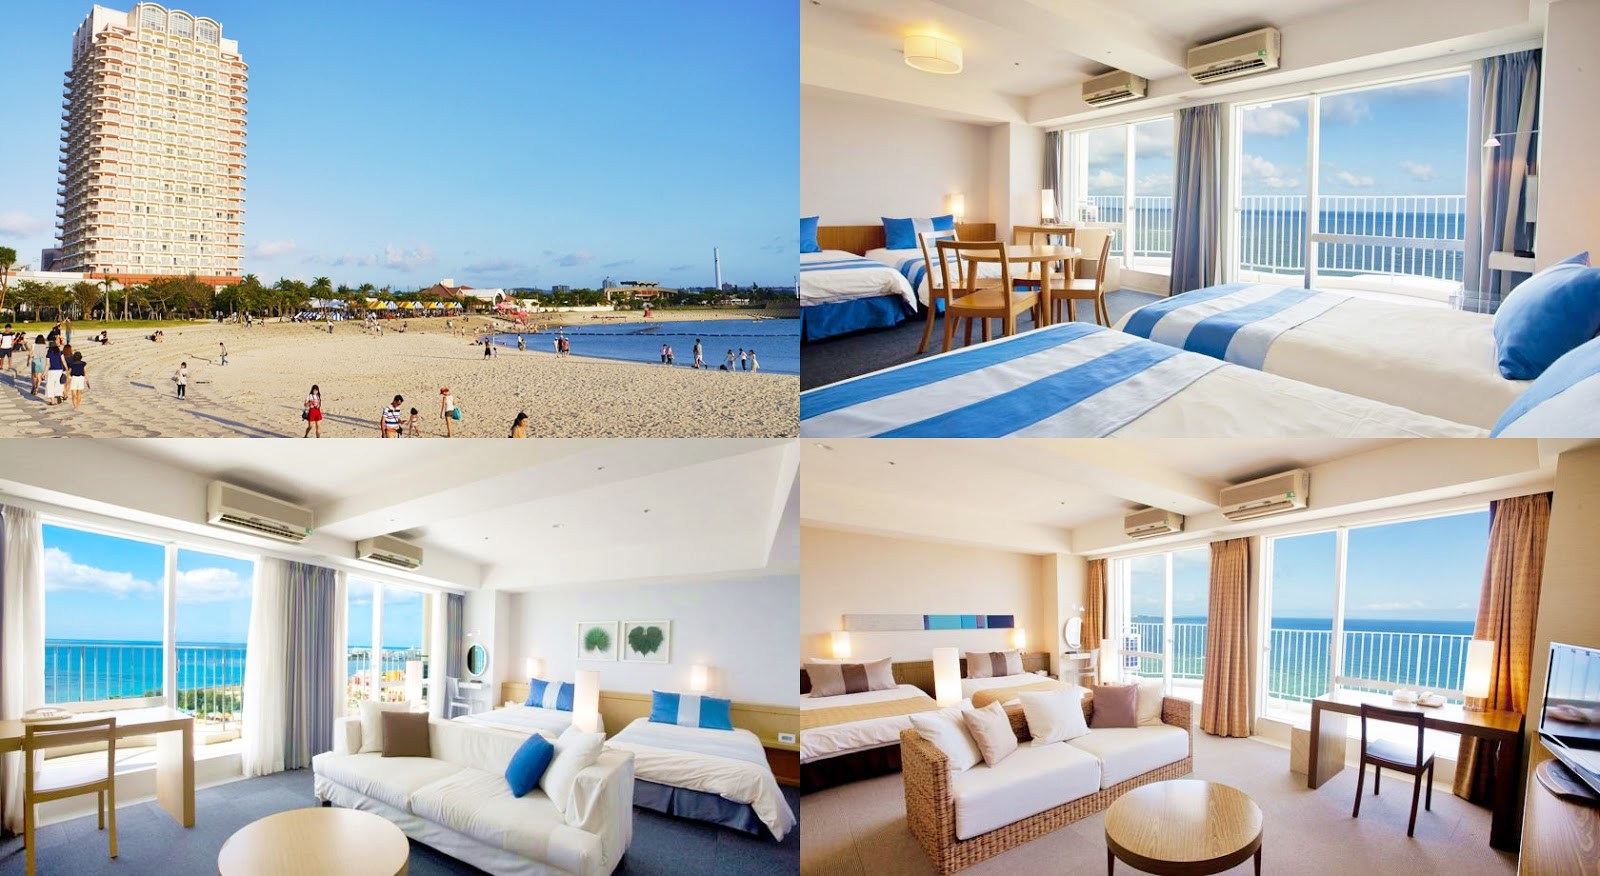 沖繩-住宿-推薦-飯店-旅館-民宿-公寓-沖繩海灘塔大廈-The-Beach-Tower-of-Okinawa-hotel-recommendation